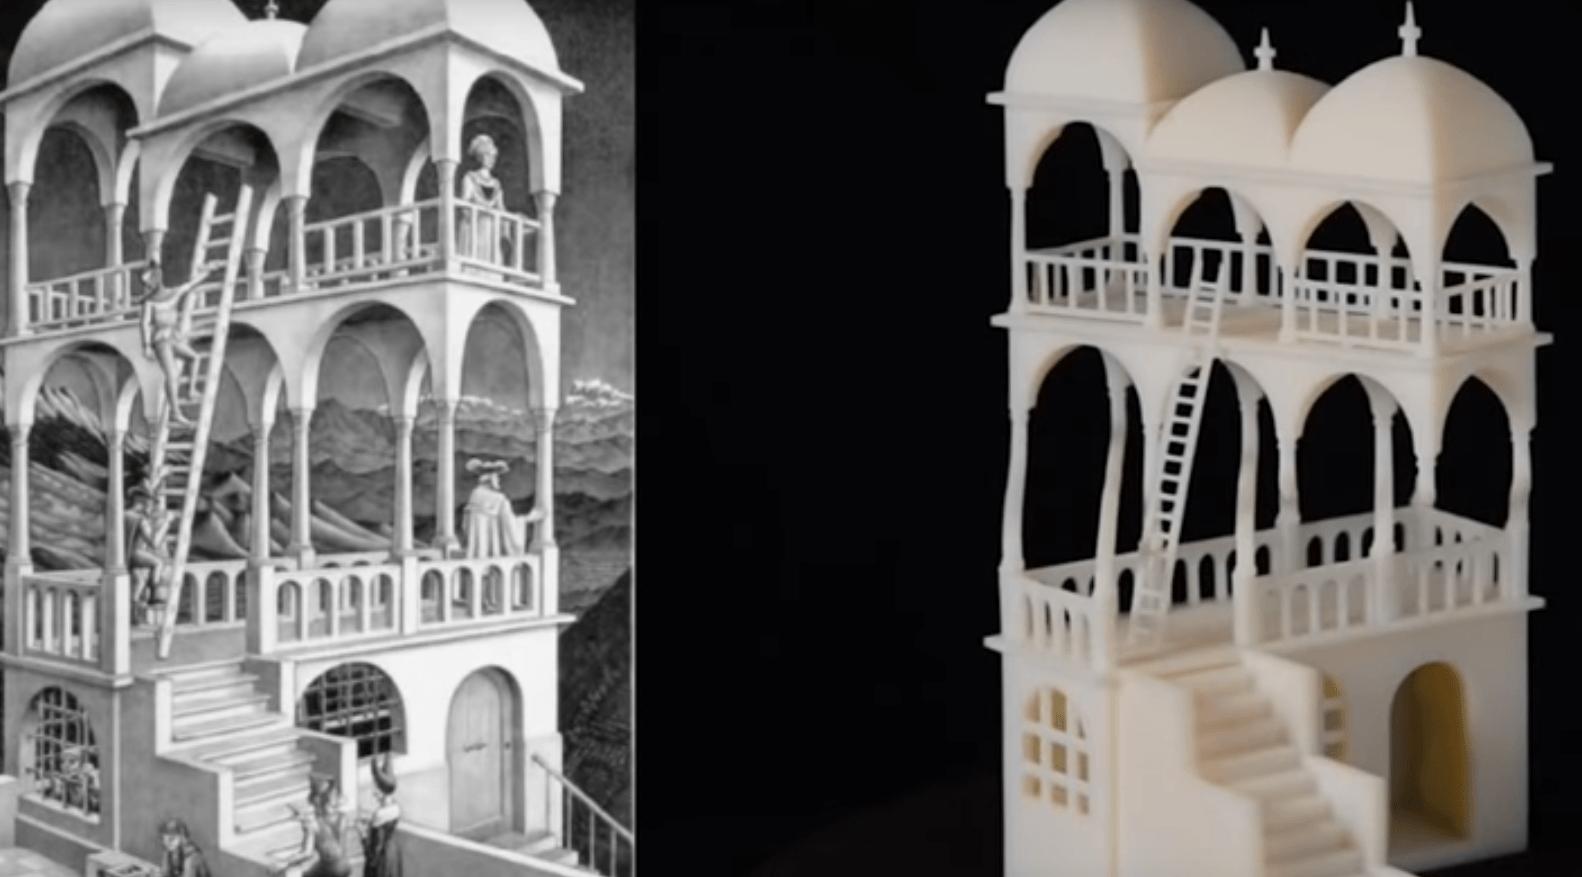 Diciassette incredibili oggetti stampati in 3d sharemind for Miglior programma 3d